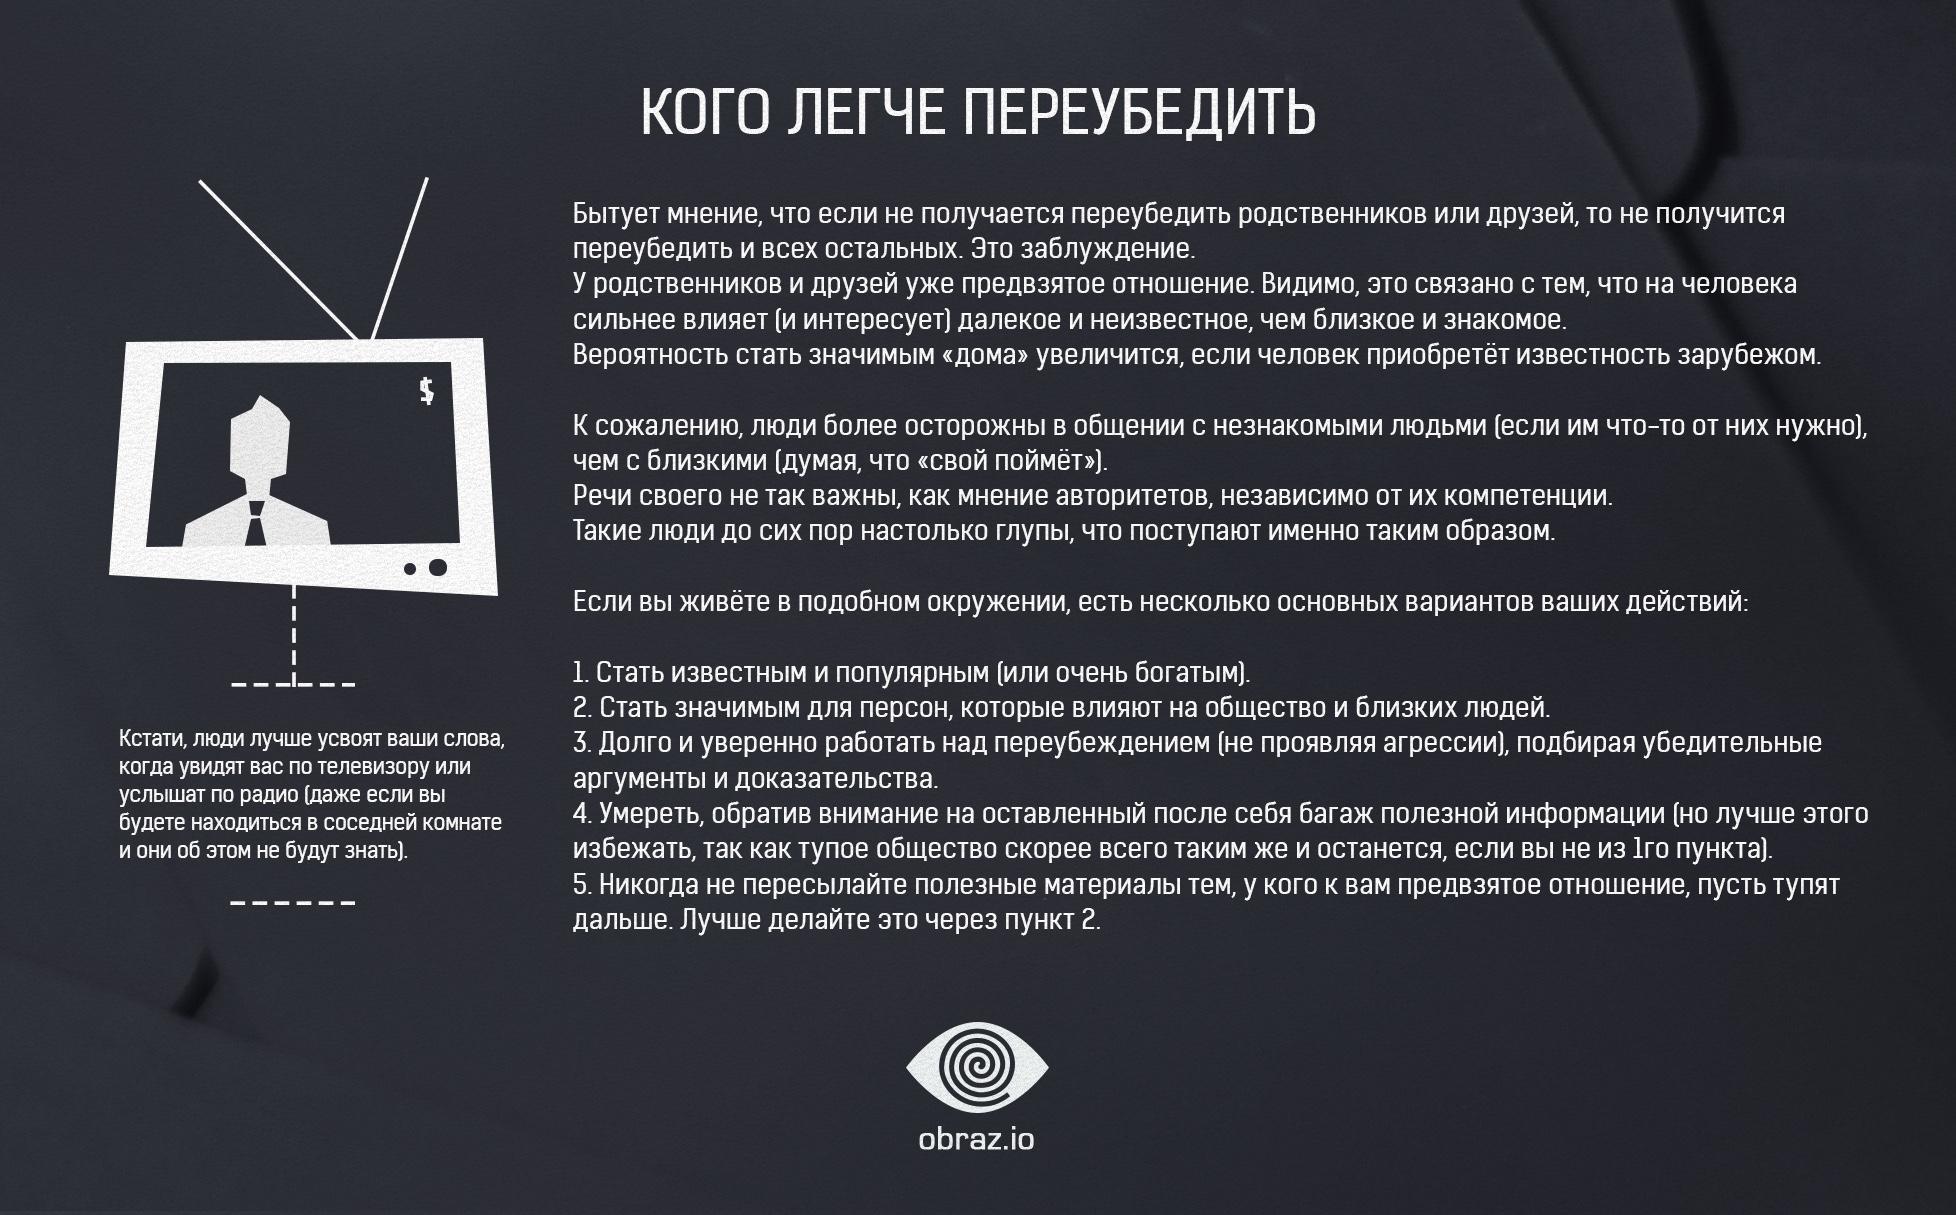 Email:learningkurakov@gmail com3292 1n799vn.dk0sk0529